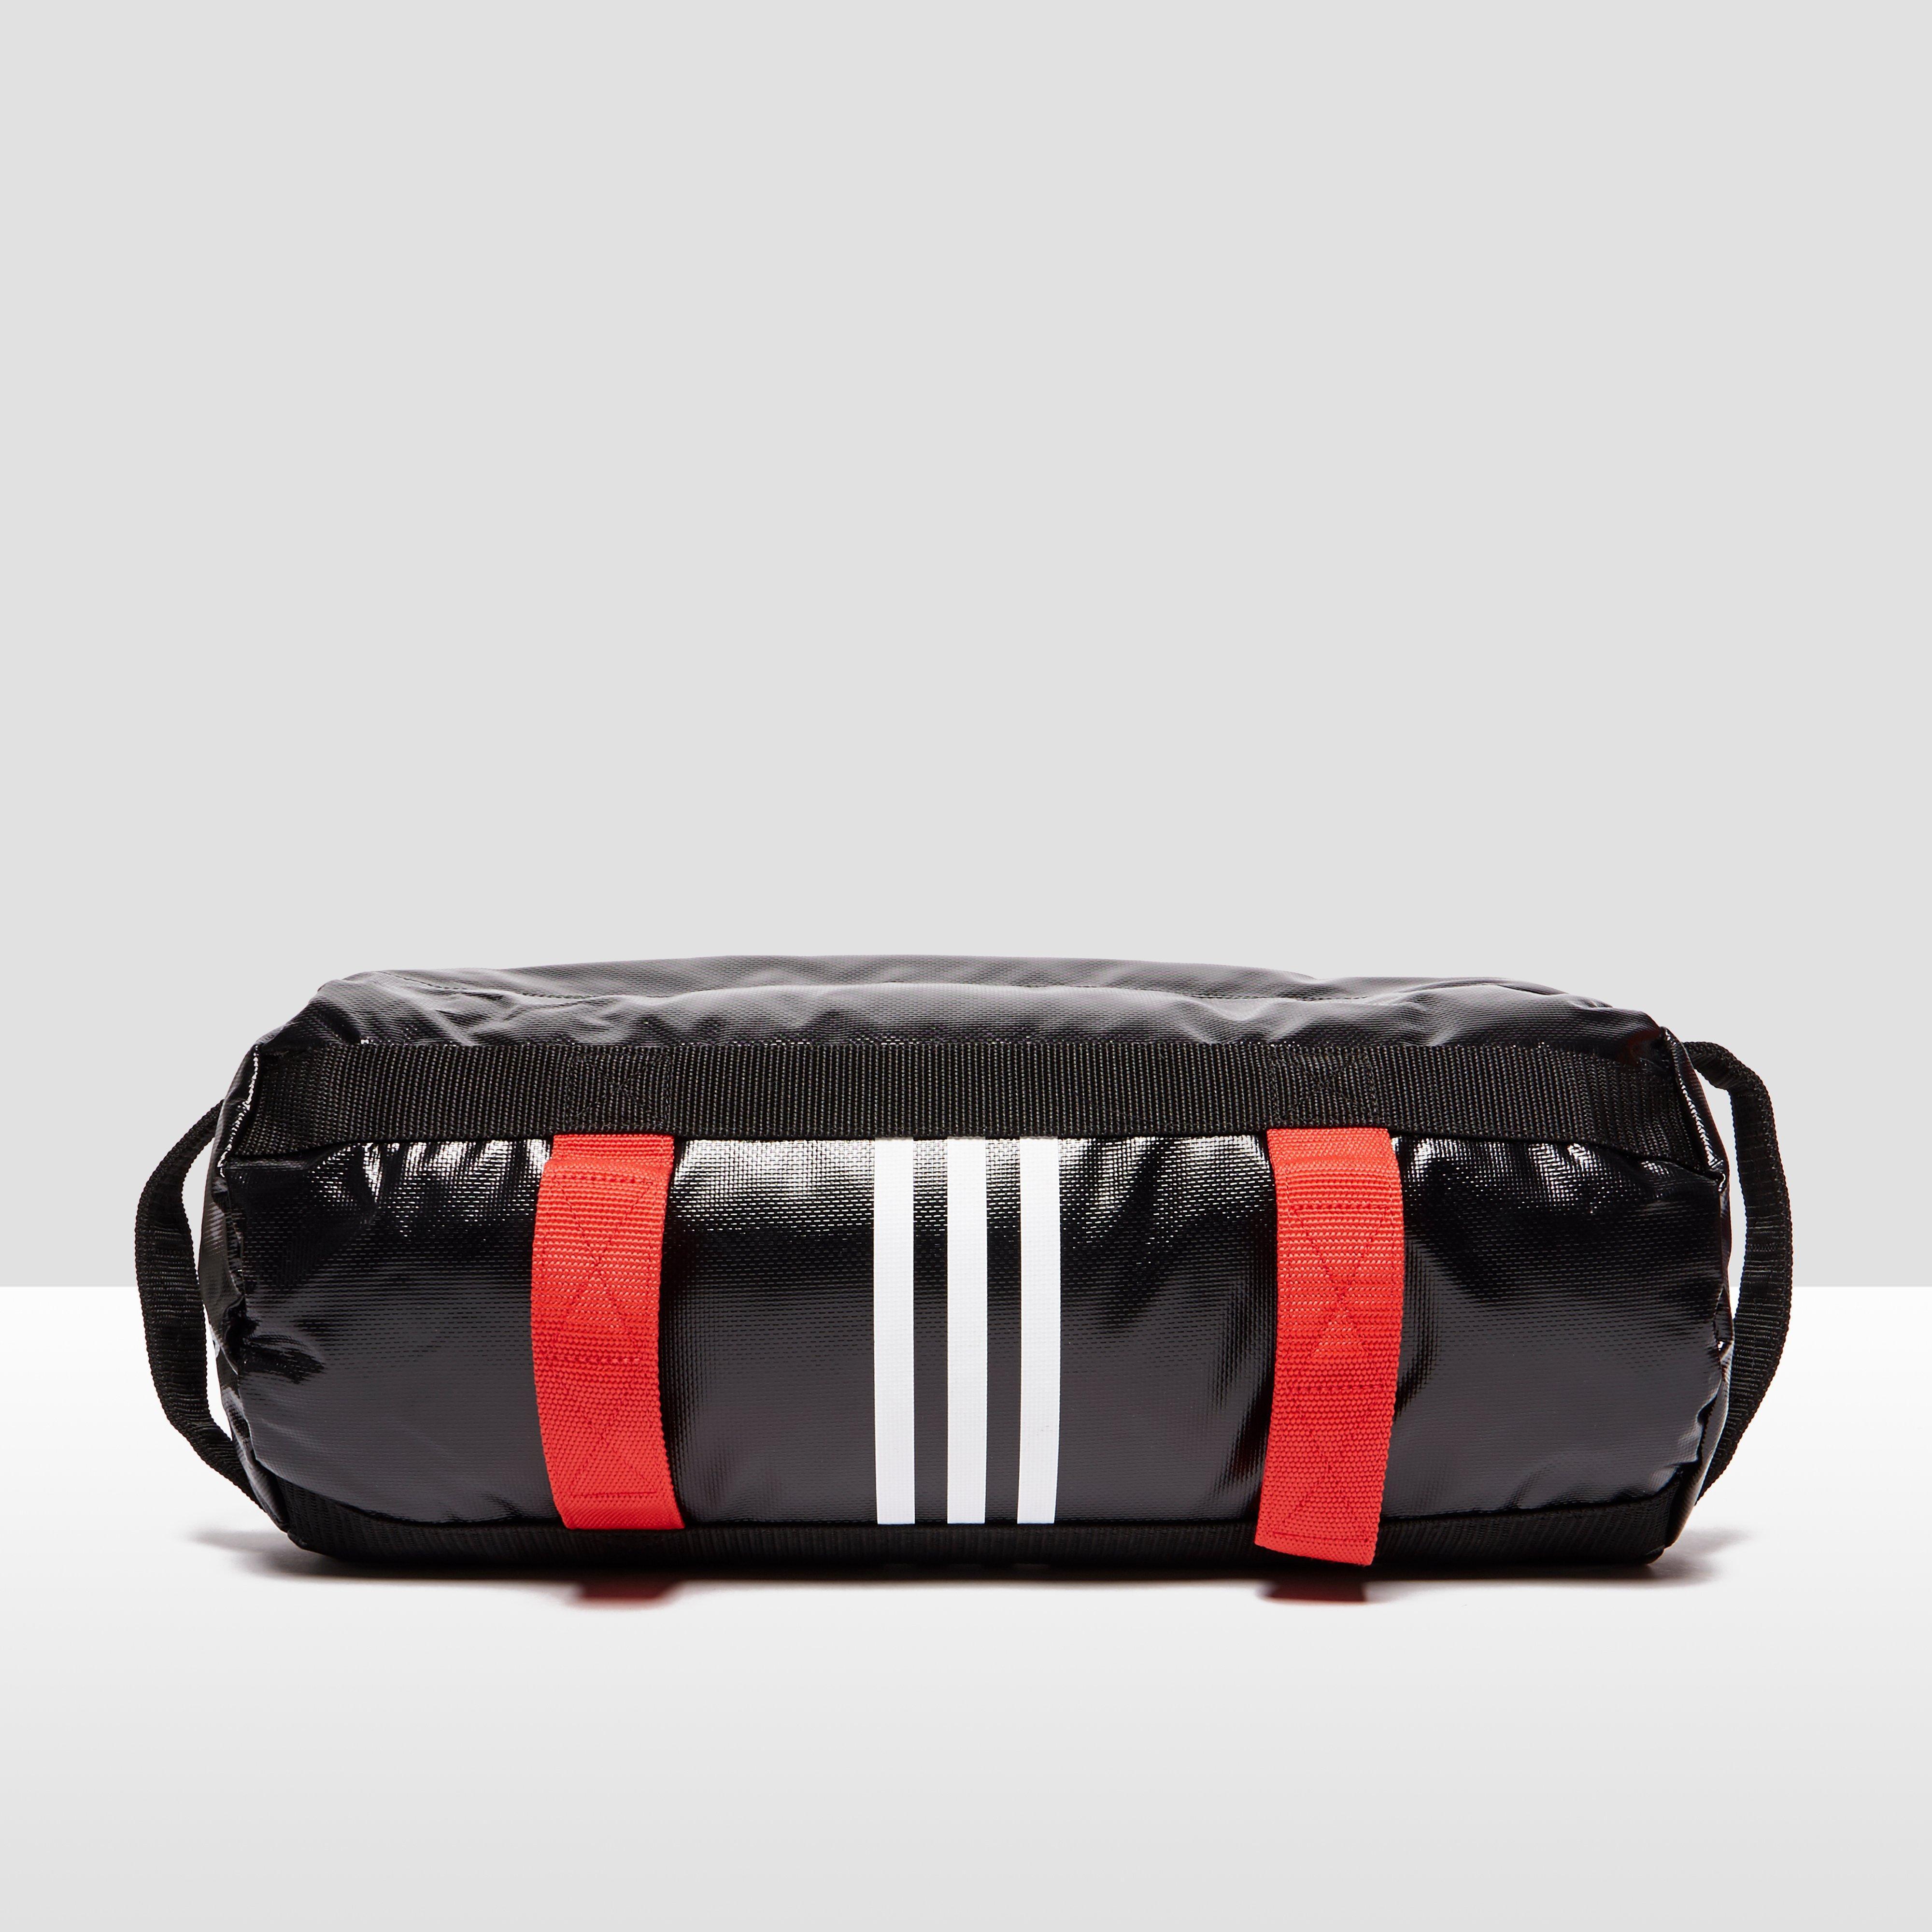 adidas sand bag activinstinctadidas sand bag